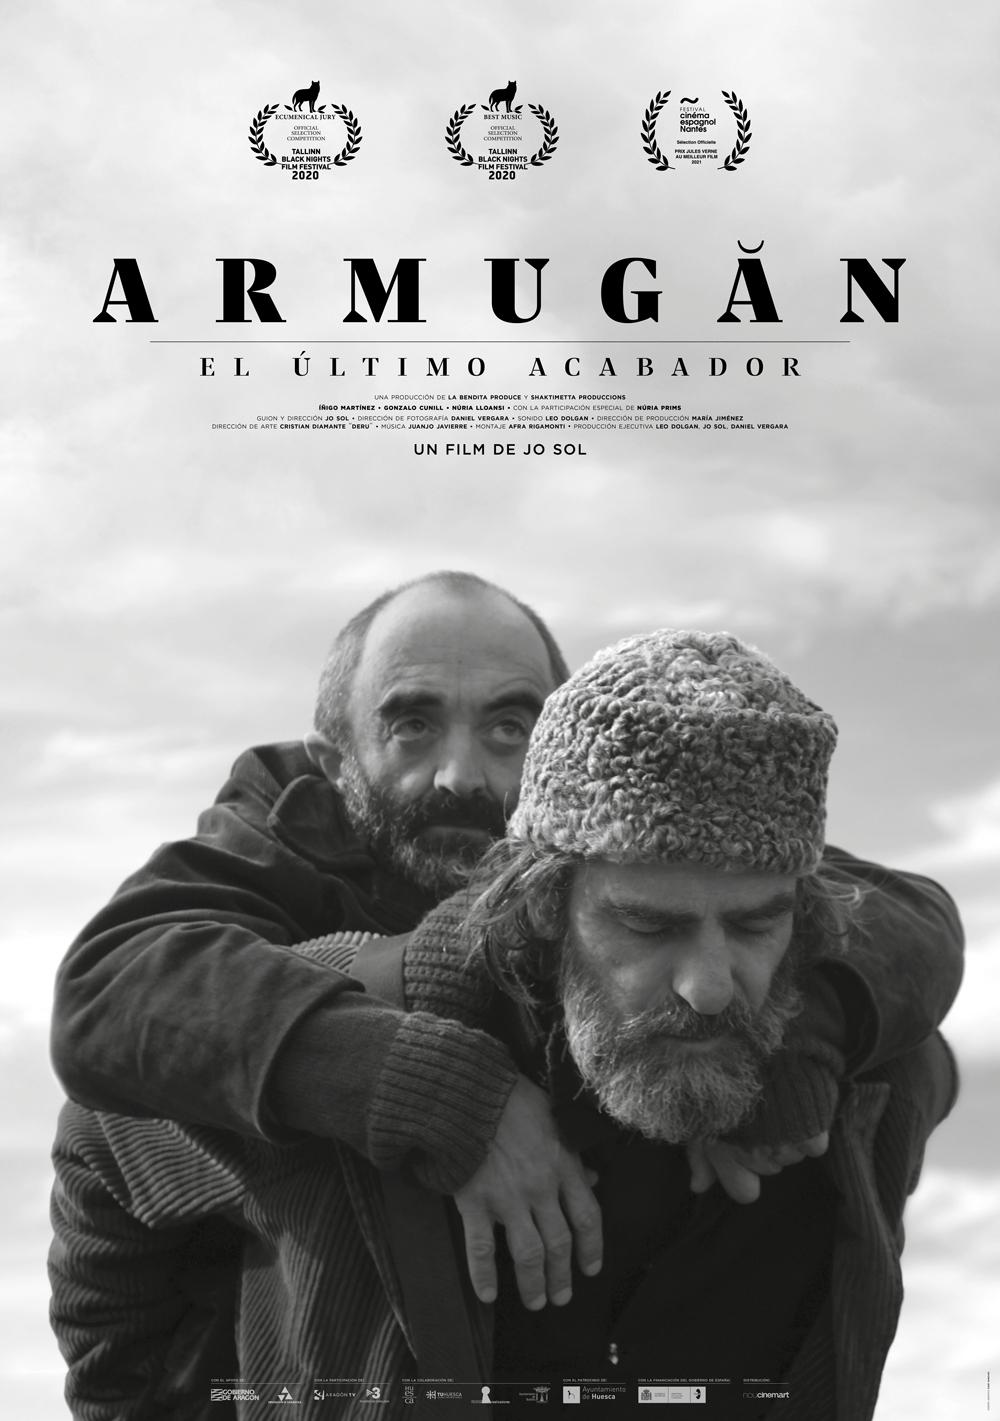 Cartel de Armugán, el último acabador